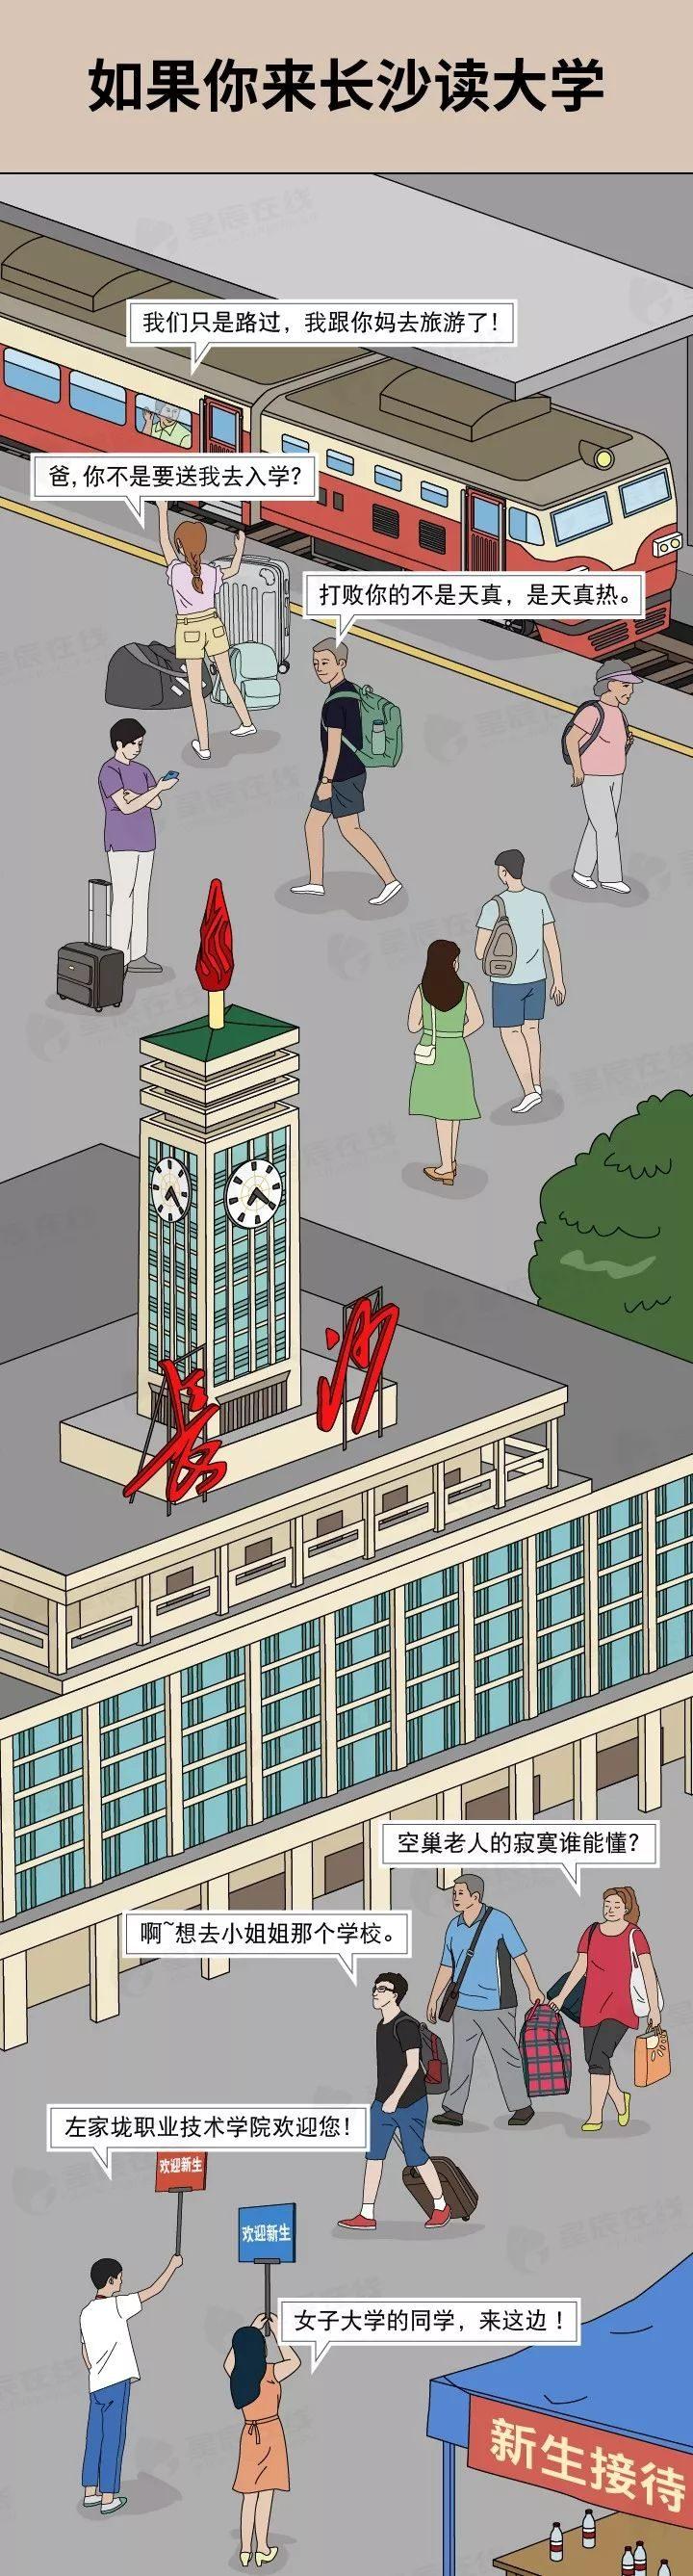 漫画丨如果你来长沙读大学